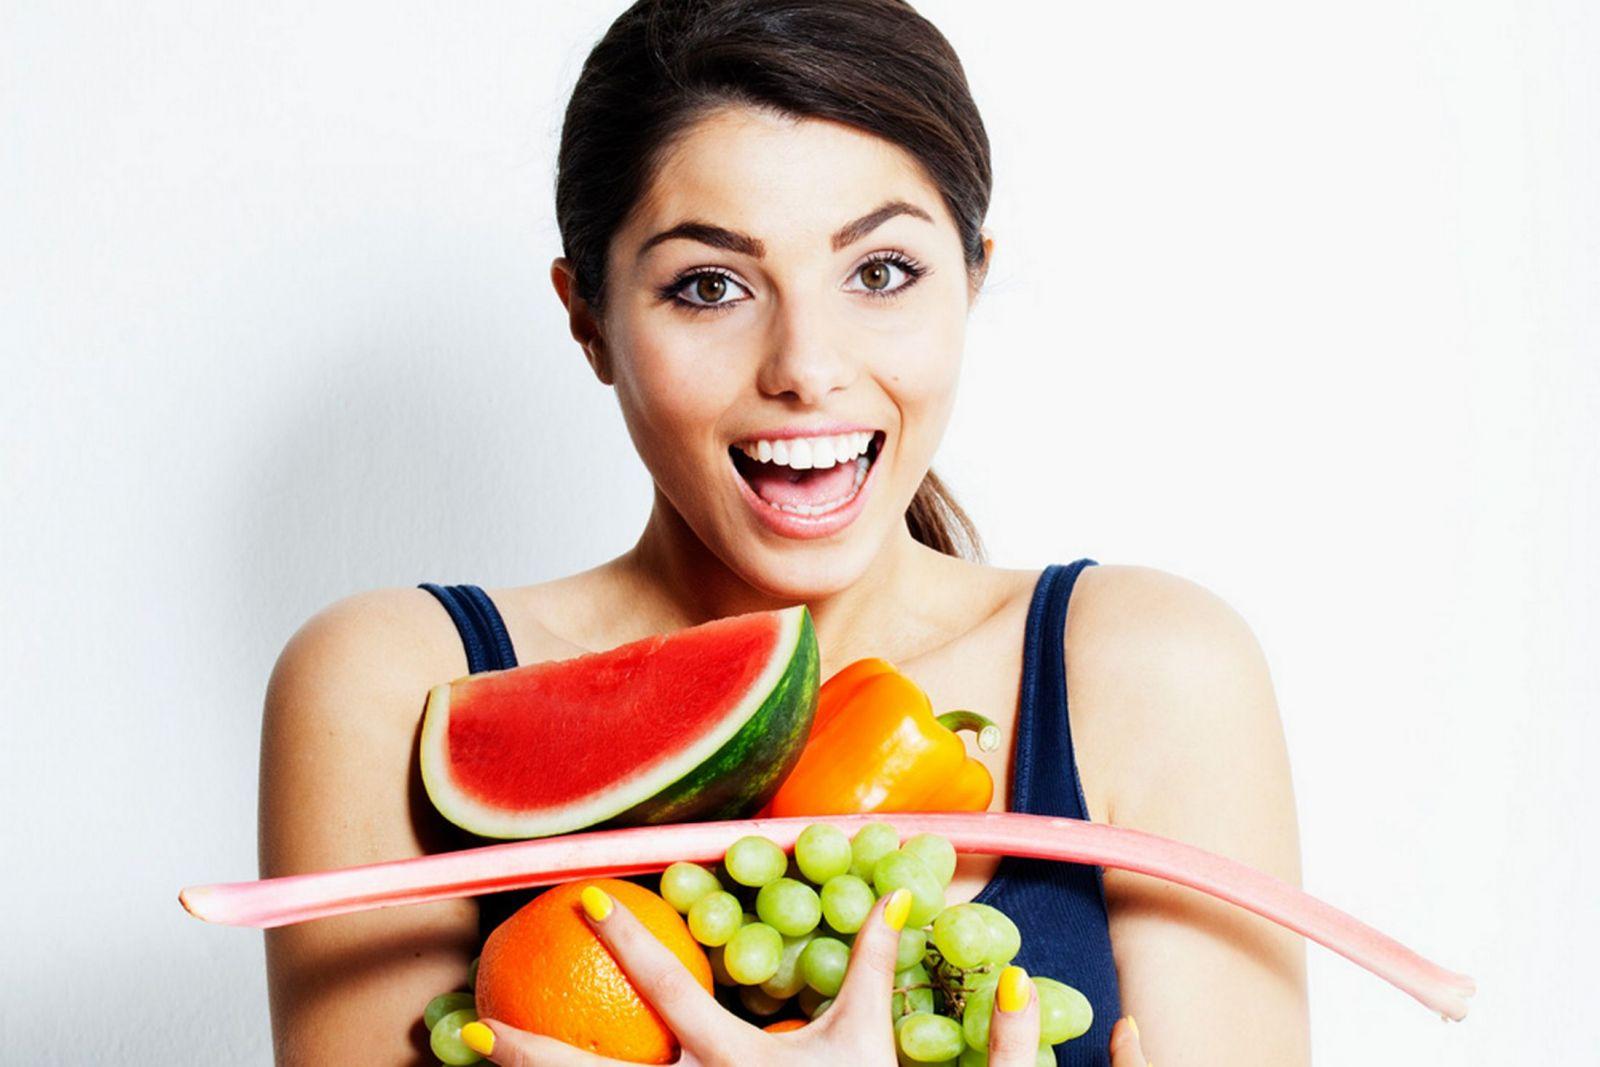 Глазам необходимы витамины и полезные элементы